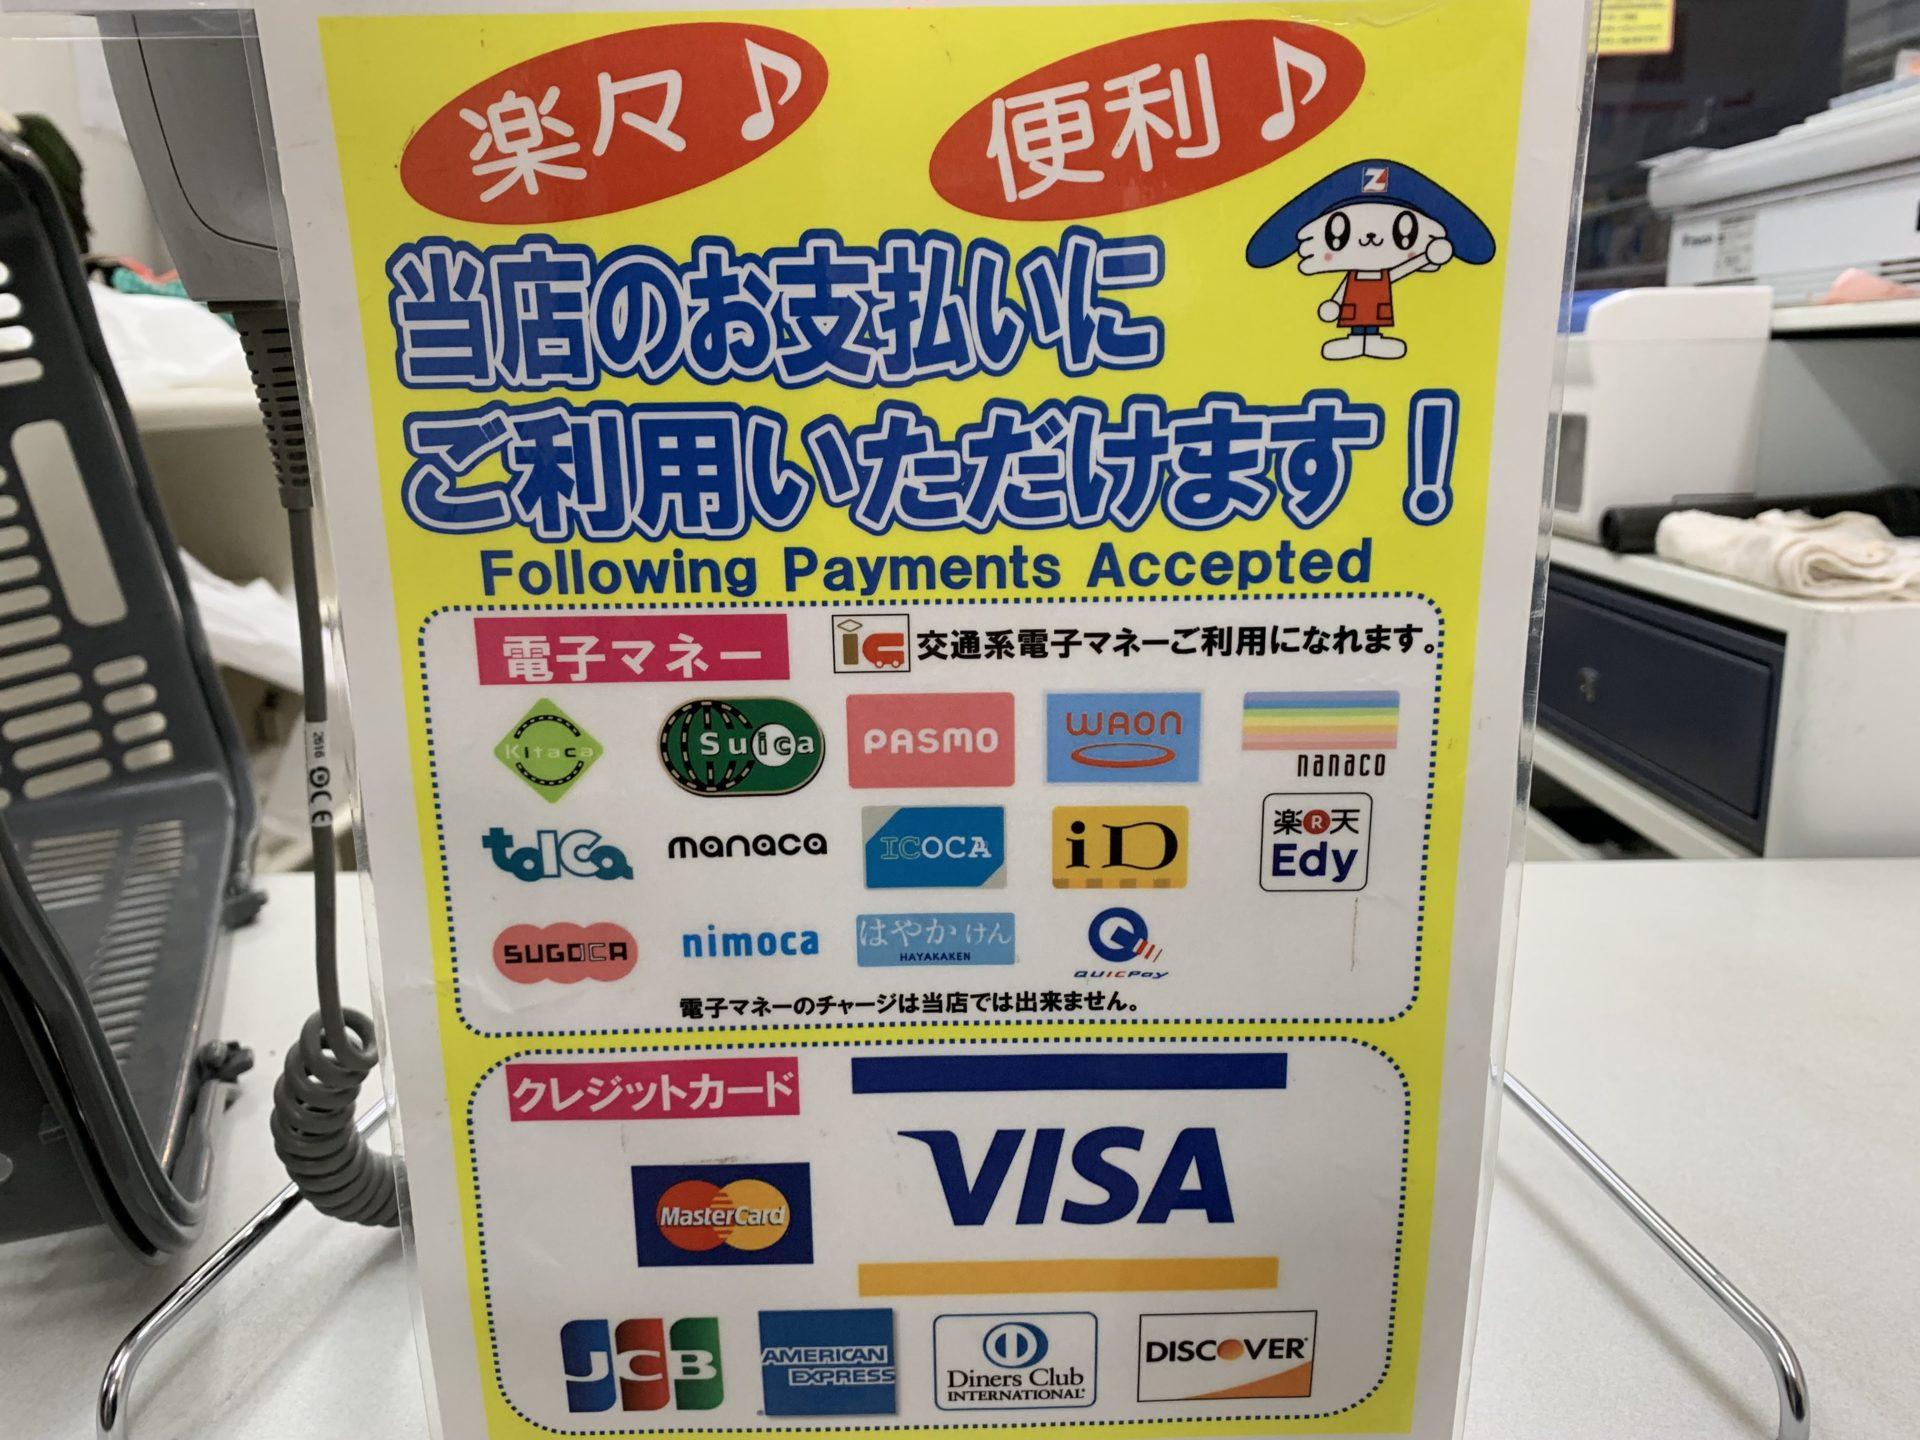 卸売センター「サンエイ」は現金・クレジットカード・電子マネー利用可能・キャッシュレス決済5%還元中